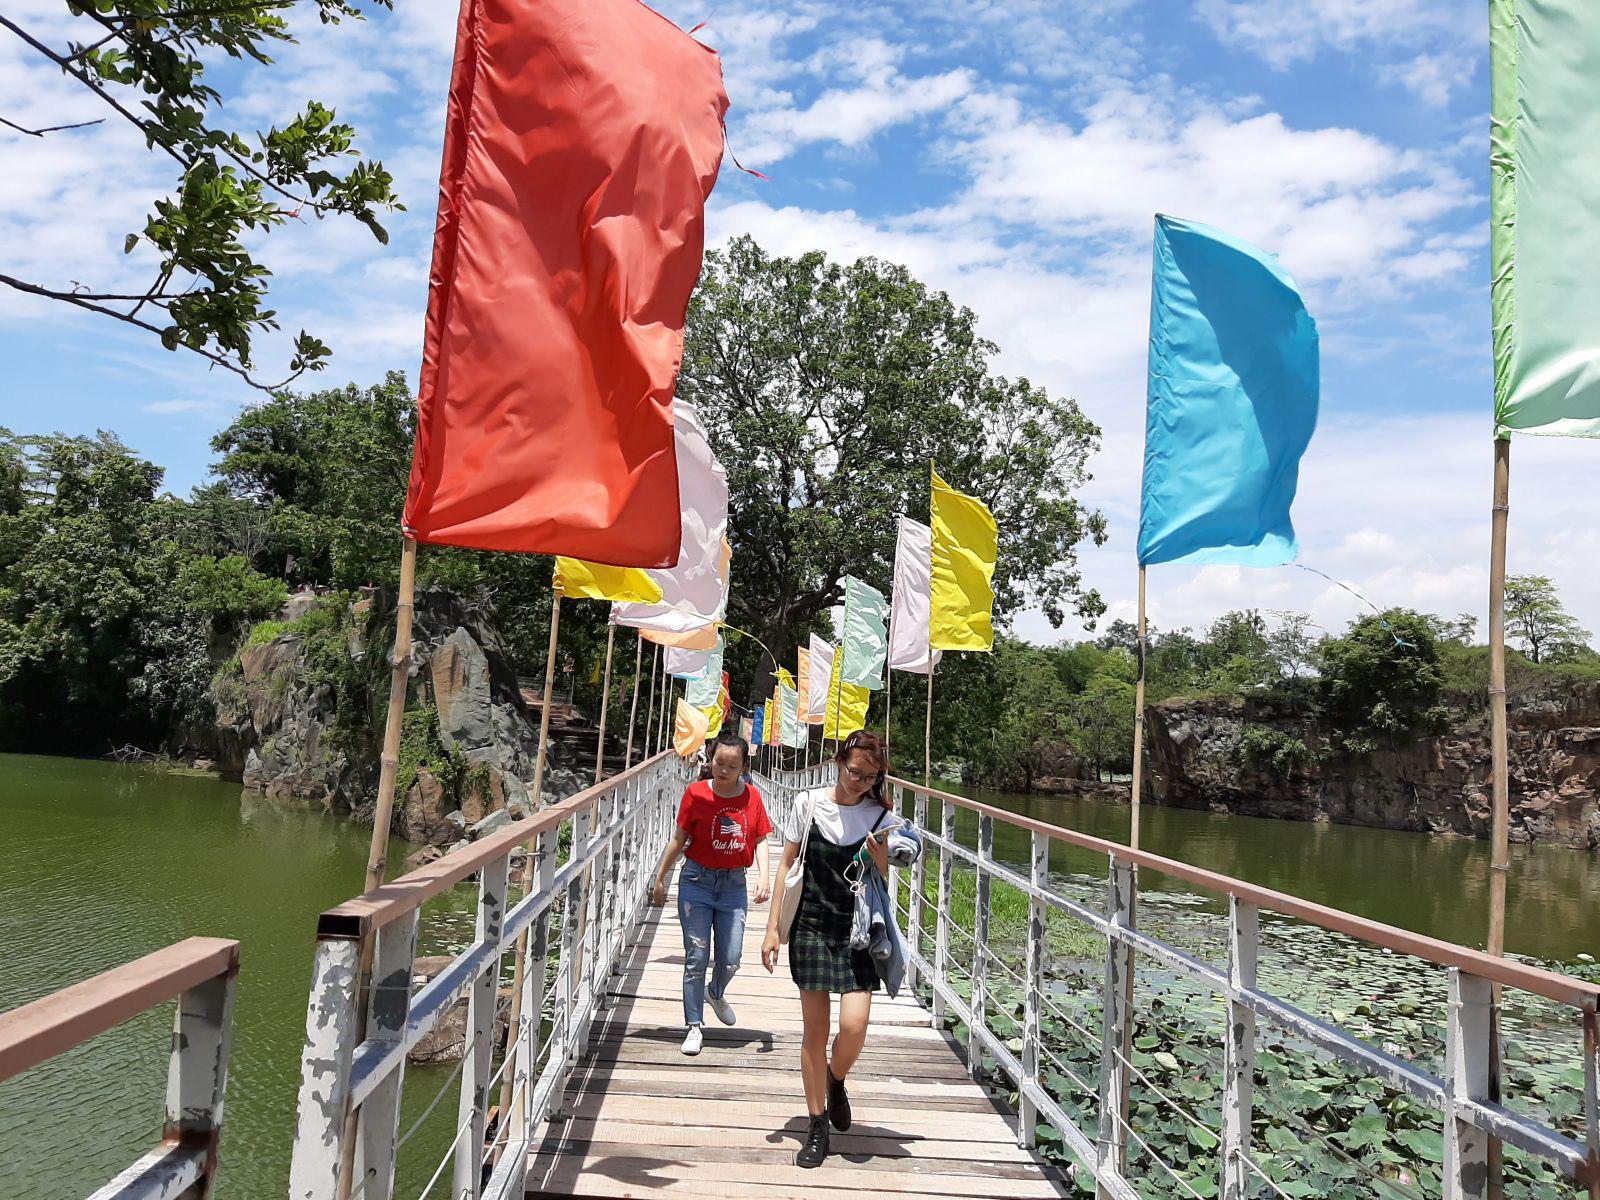 Những chiếc cầu dài được điểm tô cờ xí, nối liền bán đảo Long Sơn với phần còn lại của Khu du lịch giúp du khách có thể khám phá Bửu Long xuyên qua những con đường rợp bóng cây xanh.